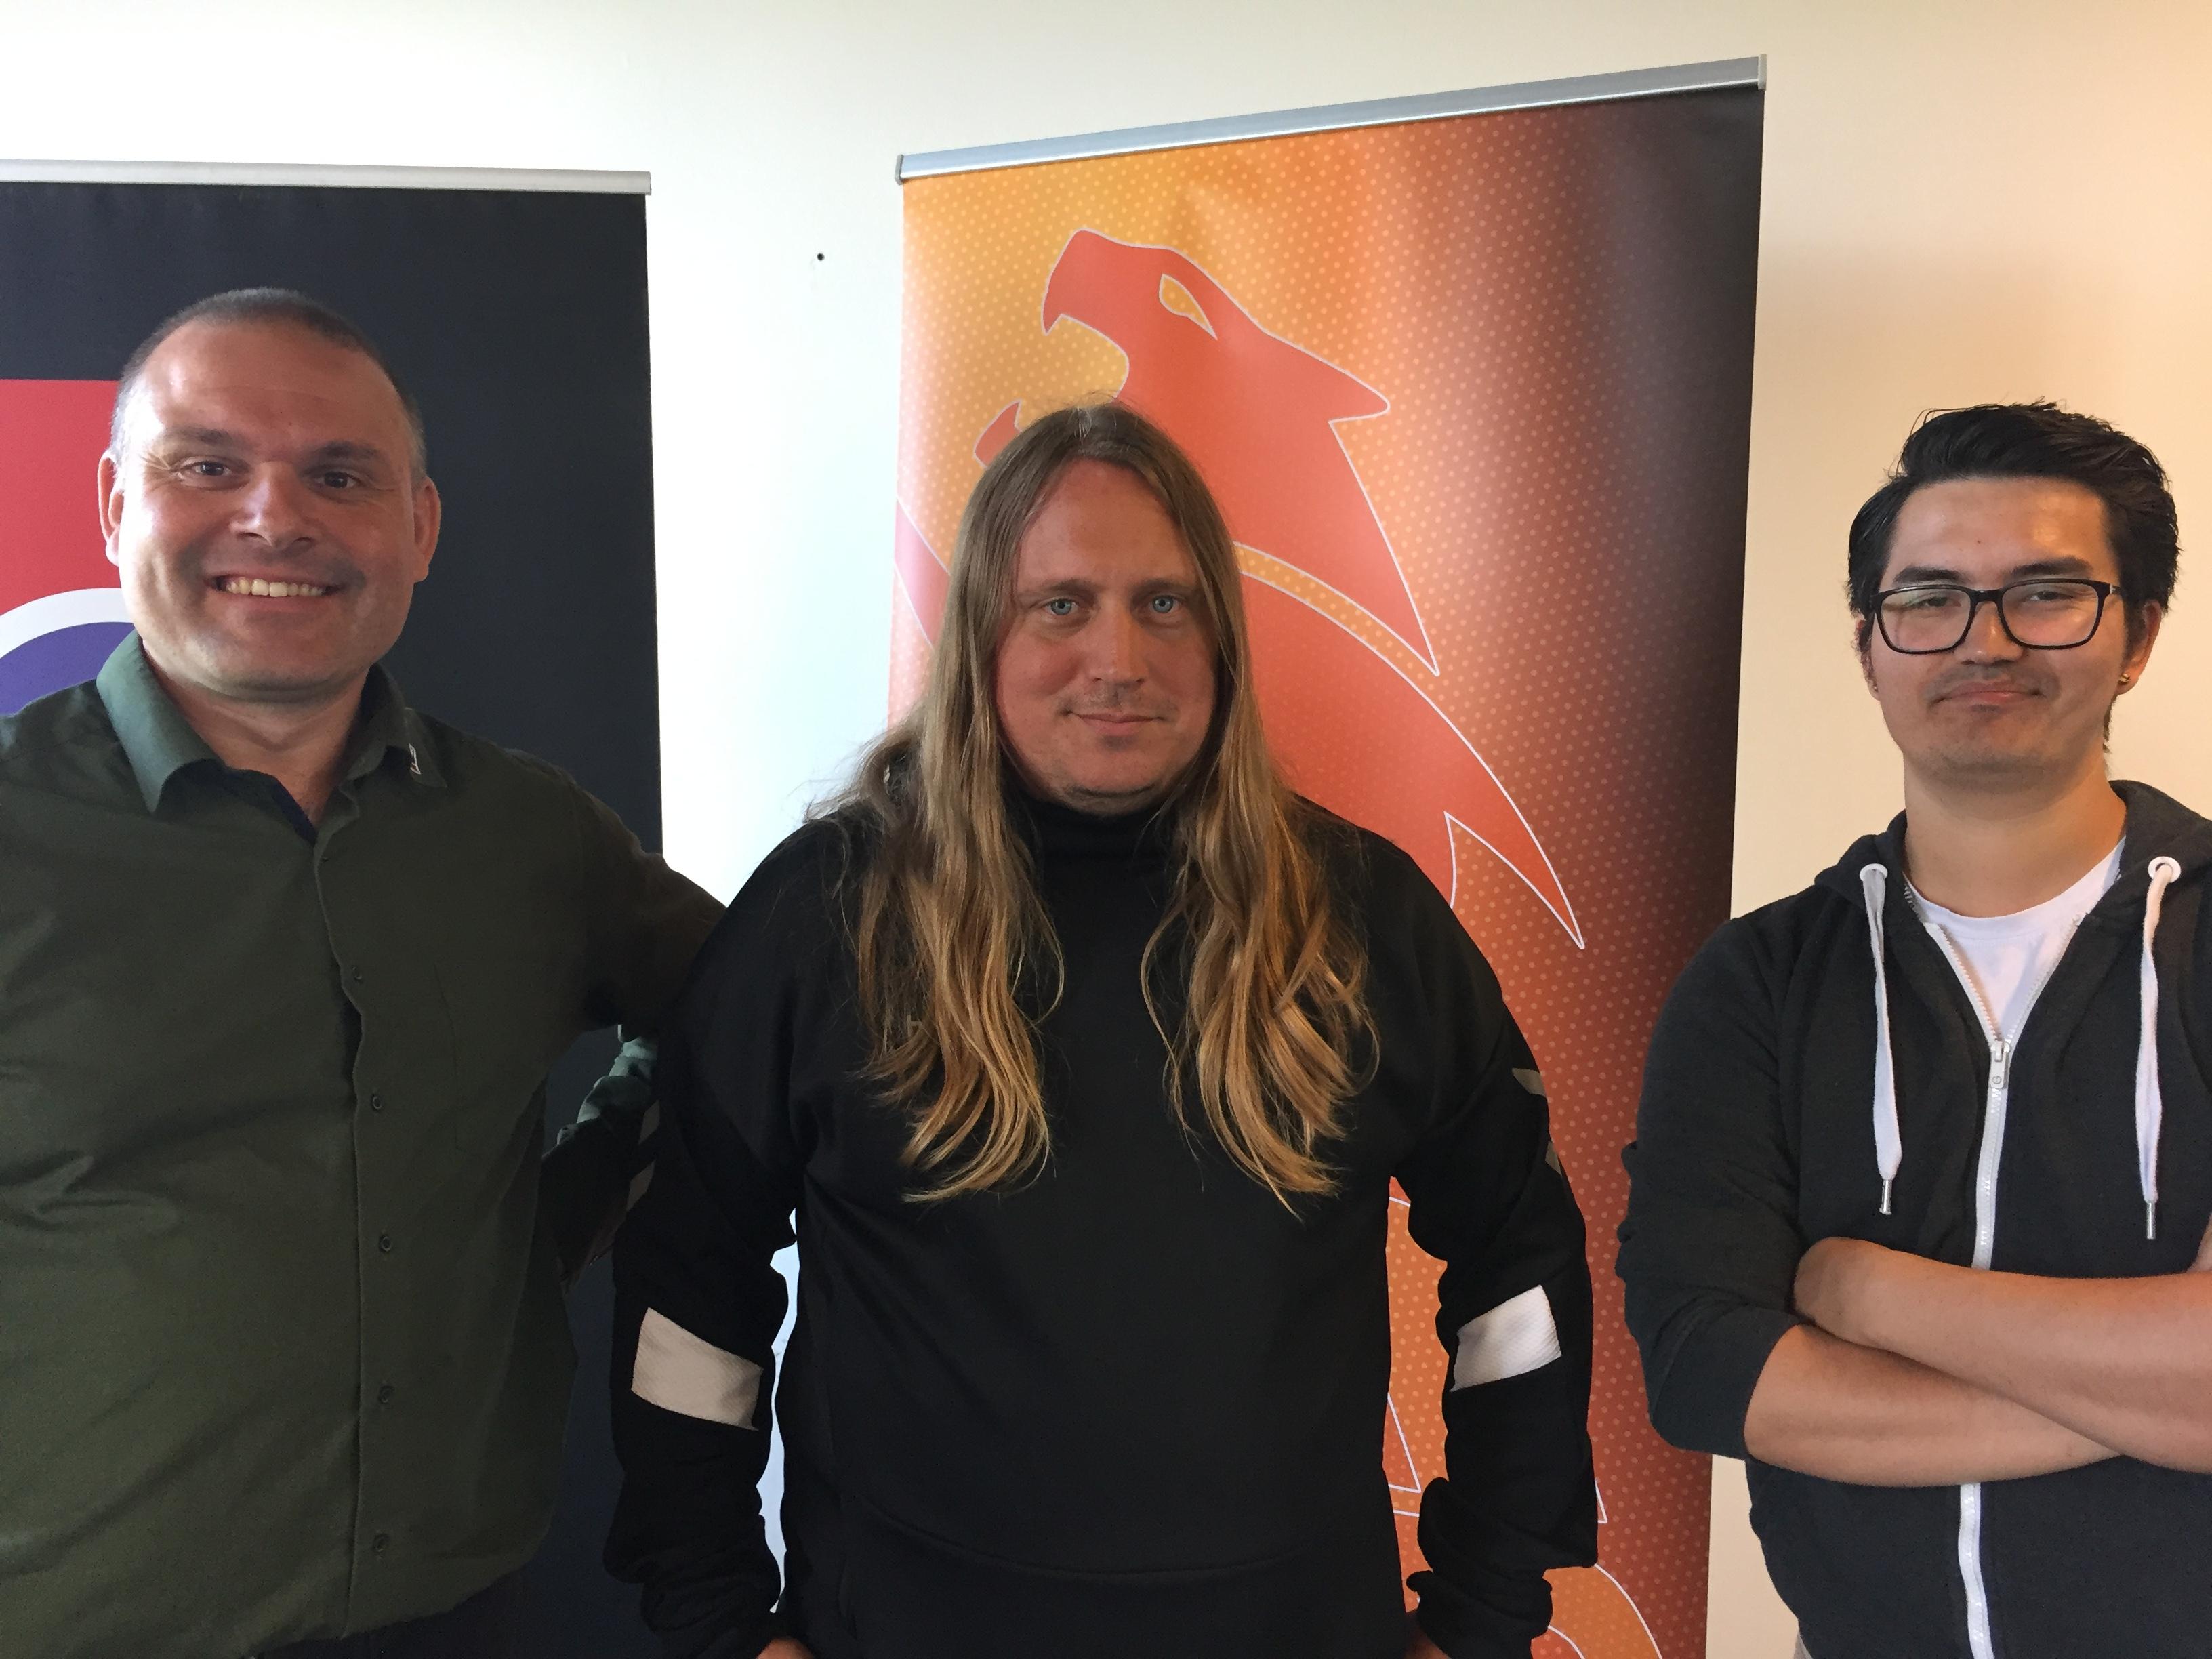 SE VIDEO : Fredericia E-sport rykker ind på Bülows Kaserne